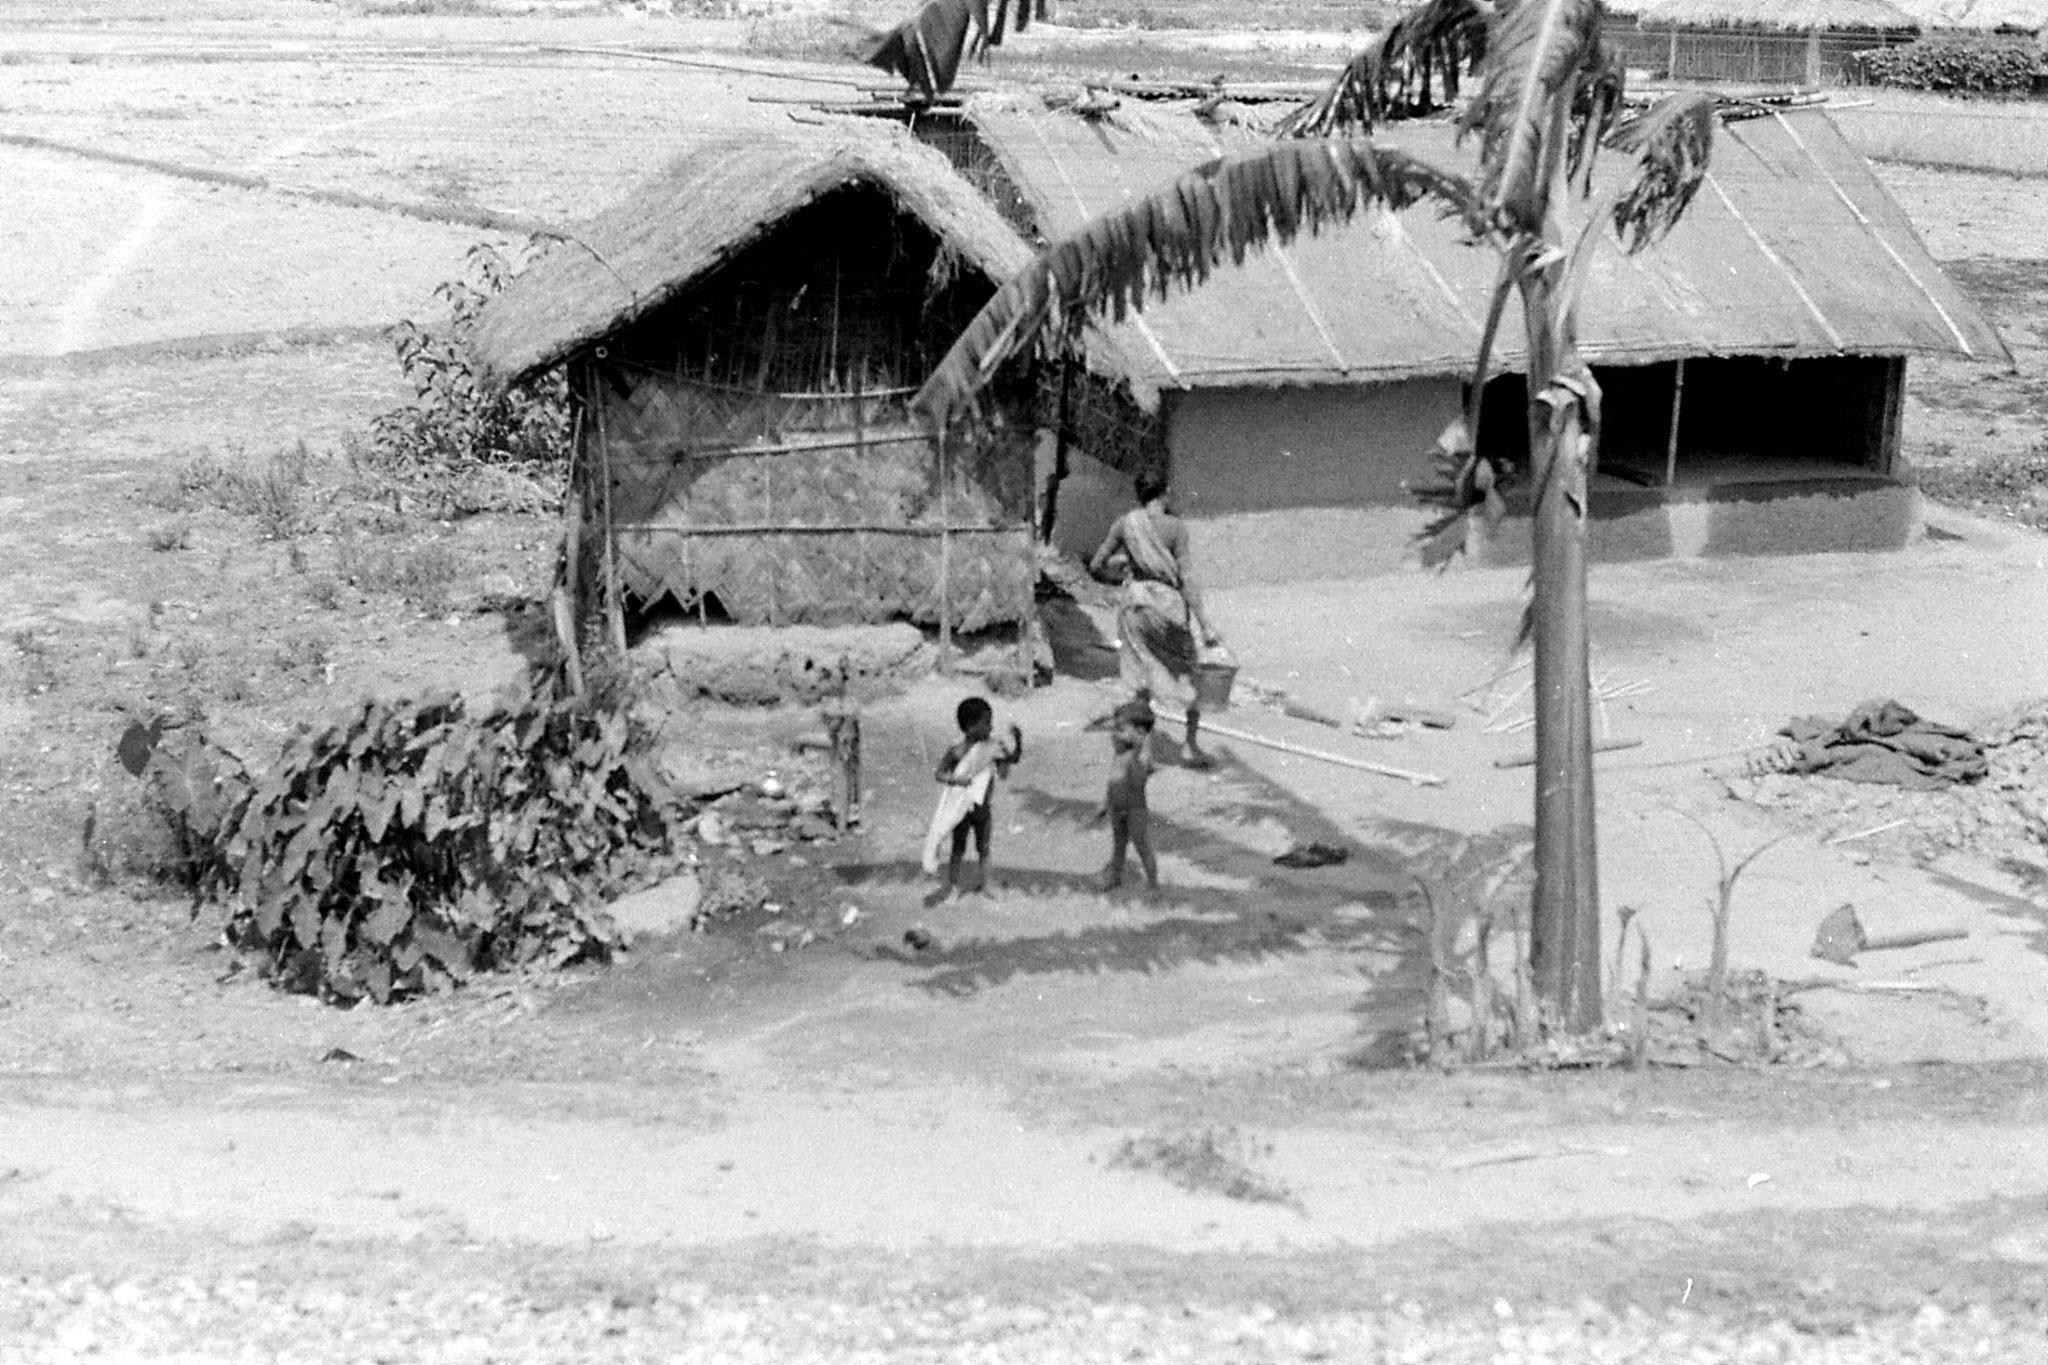 7/4/1990: 21: East Bihar after Katihar